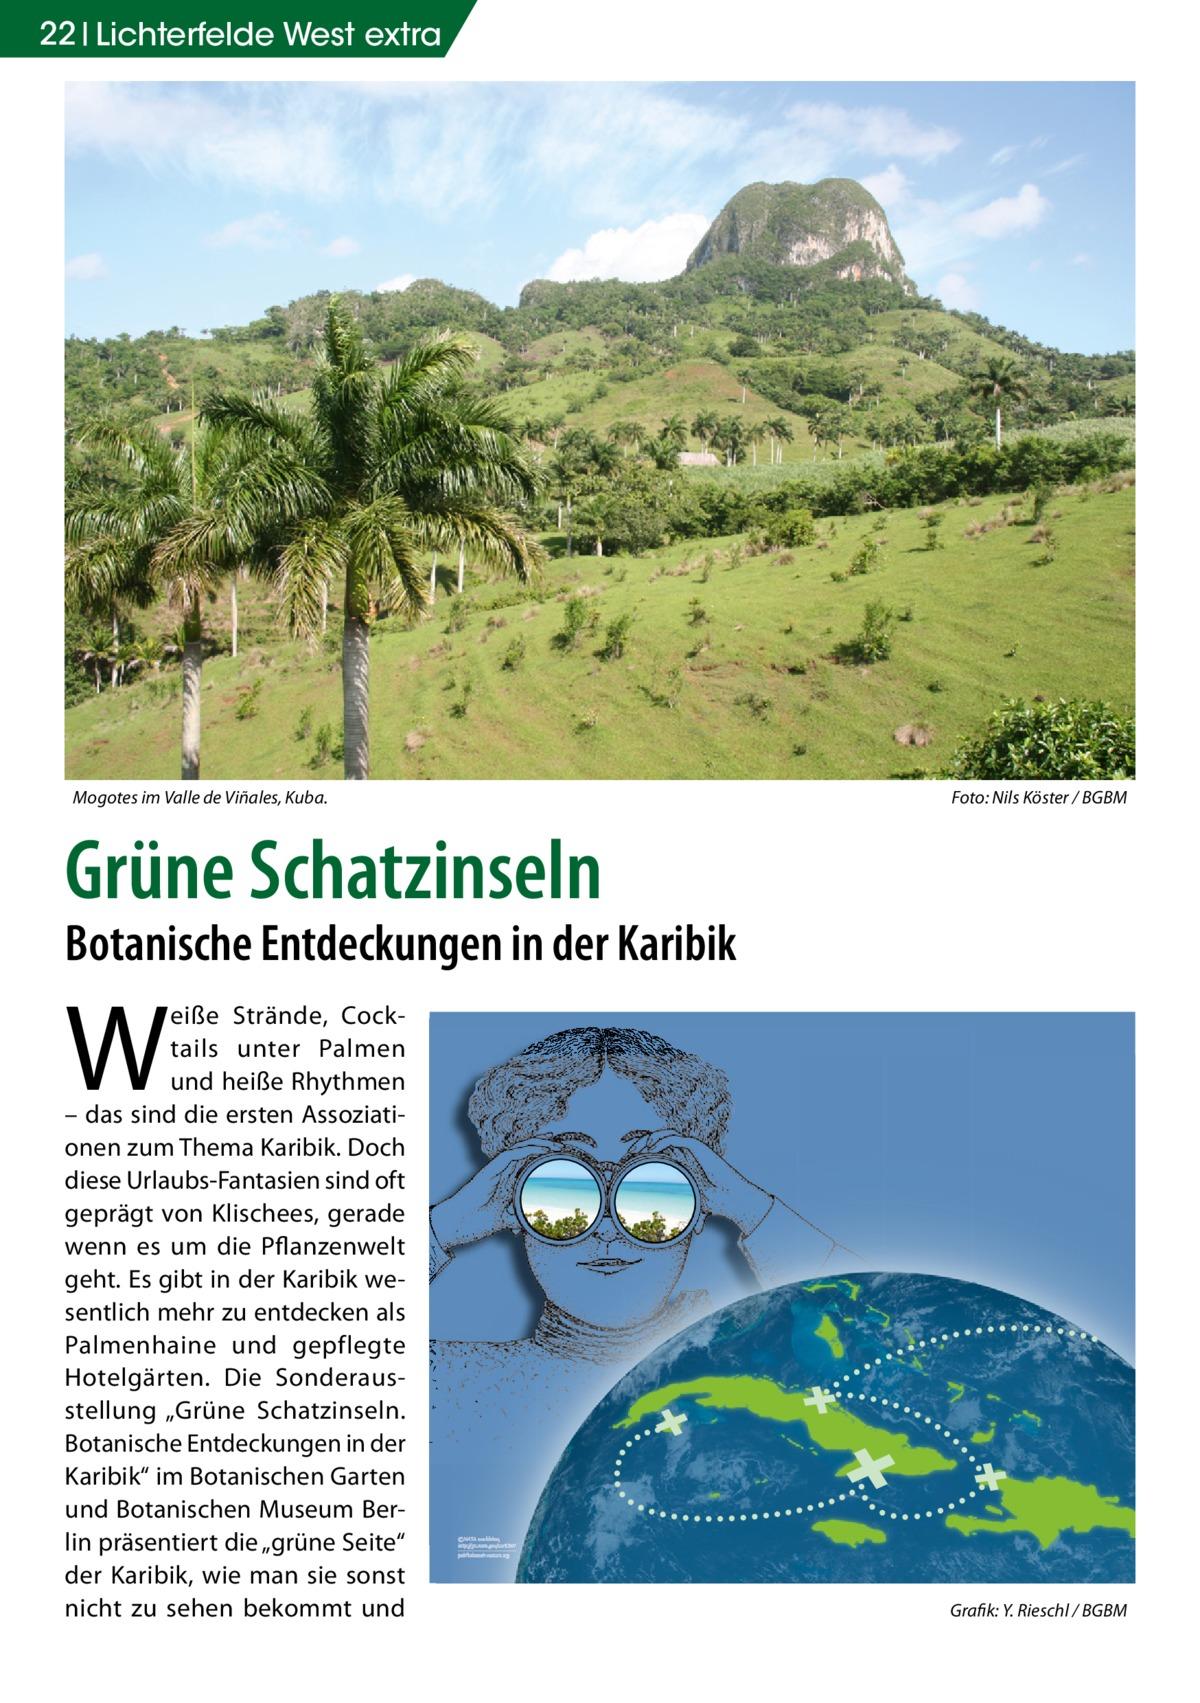 """22 Lichterfelde West extra  Mogotes im Valle de Viñales, Kuba.  Foto: Nils Köster / BGBM  Grüne Schatzinseln  Botanische Entdeckungen in der Karibik  W  eiße Strände, Cocktails unter Palmen und heiße Rhythmen – das sind die ersten Assoziationen zum Thema Karibik. Doch diese Urlaubs-Fantasien sind oft geprägt von Klischees, gerade wenn es um die Pflanzenwelt geht. Es gibt in der Karibik wesentlich mehr zu entdecken als Palmenhaine und gepflegte Hotelgärten. Die Sonderausstellung """"Grüne Schatzinseln. Botanische Entdeckungen in der Karibik"""" im Botanischen Garten und Botanischen Museum Berlin präsentiert die """"grüne Seite"""" der Karibik, wie man sie sonst nicht zu sehen bekommt und  Grafik: Y. Rieschl / BGBM"""